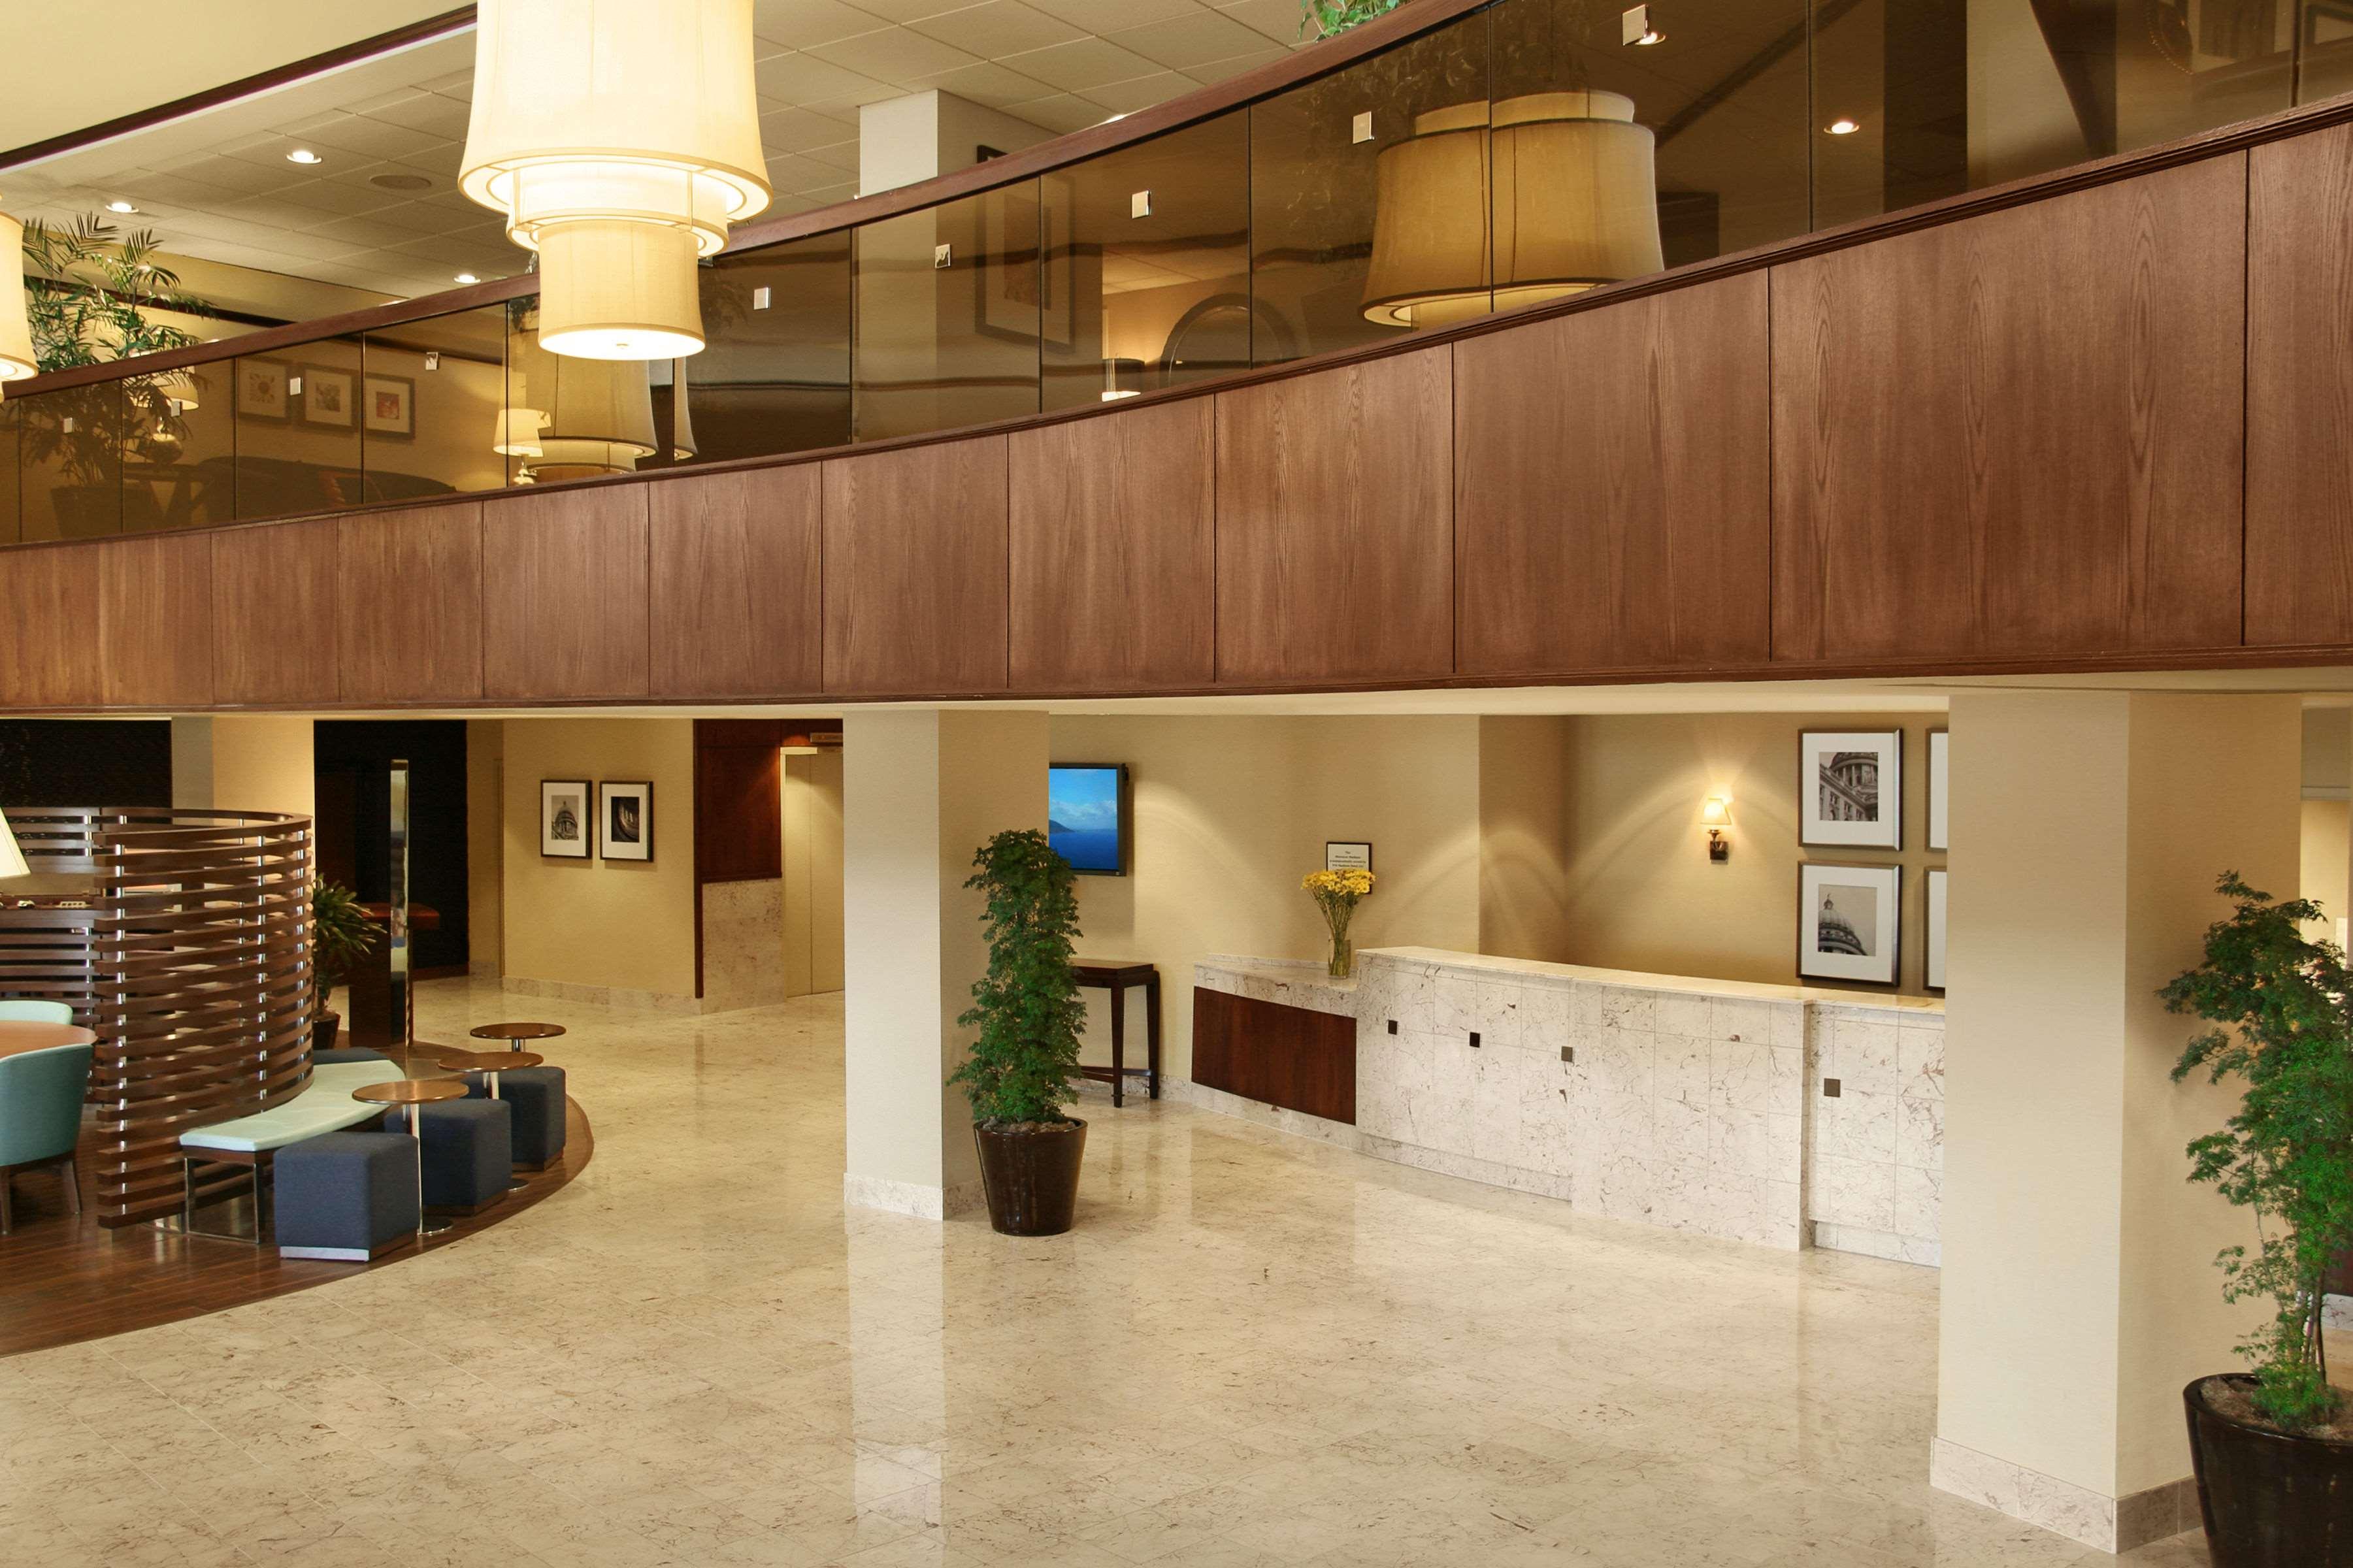 Sheraton Madison Hotel image 1